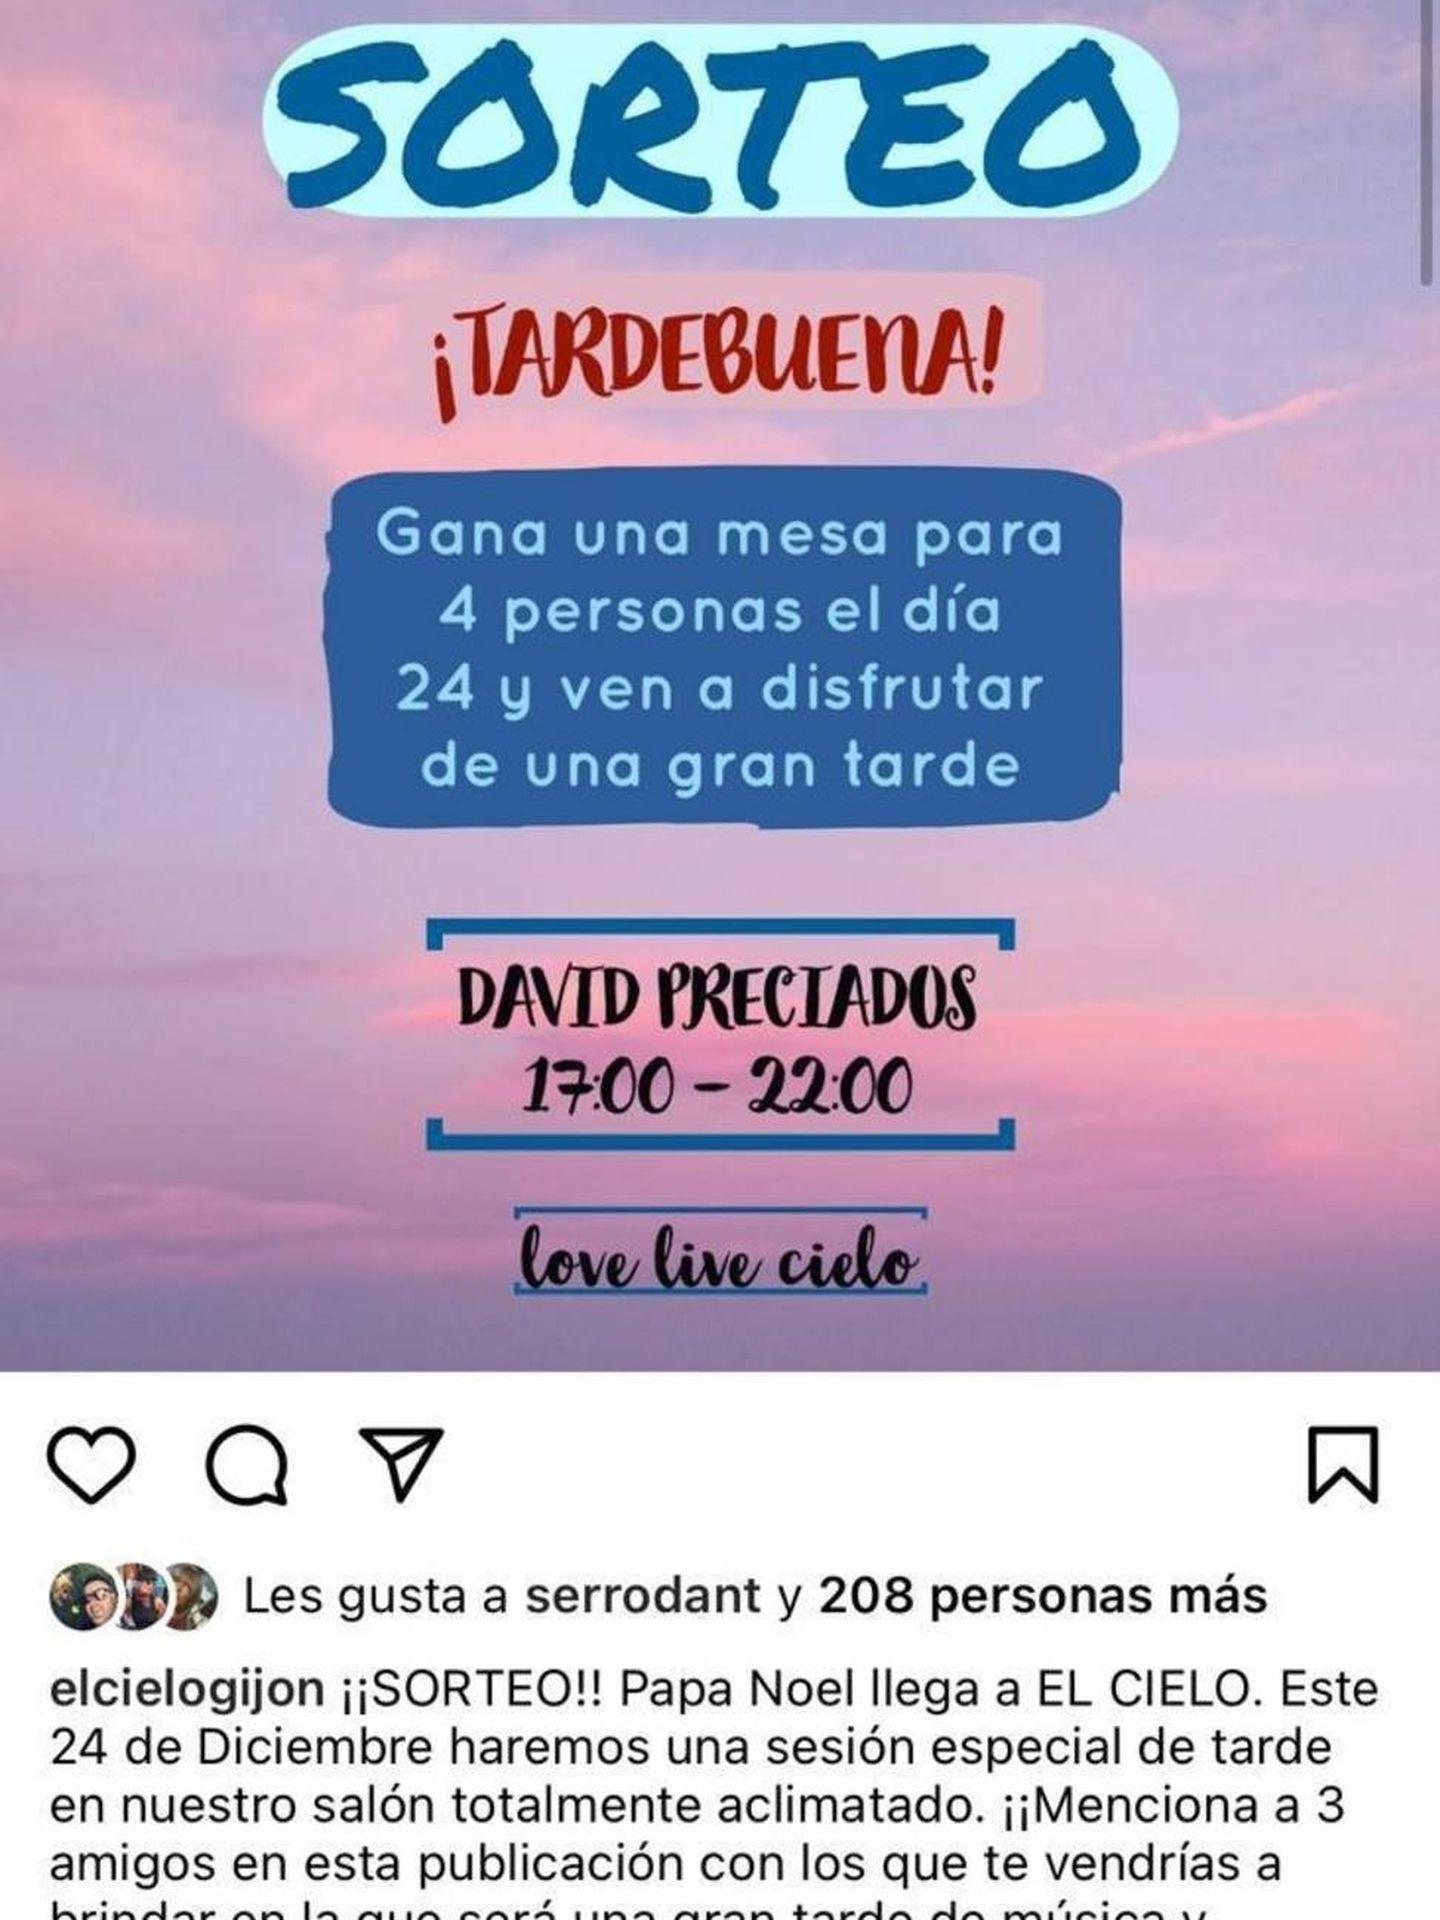 'Flyer' de la 'Tardebuena' en el Bellavista el 24 de diciembre.